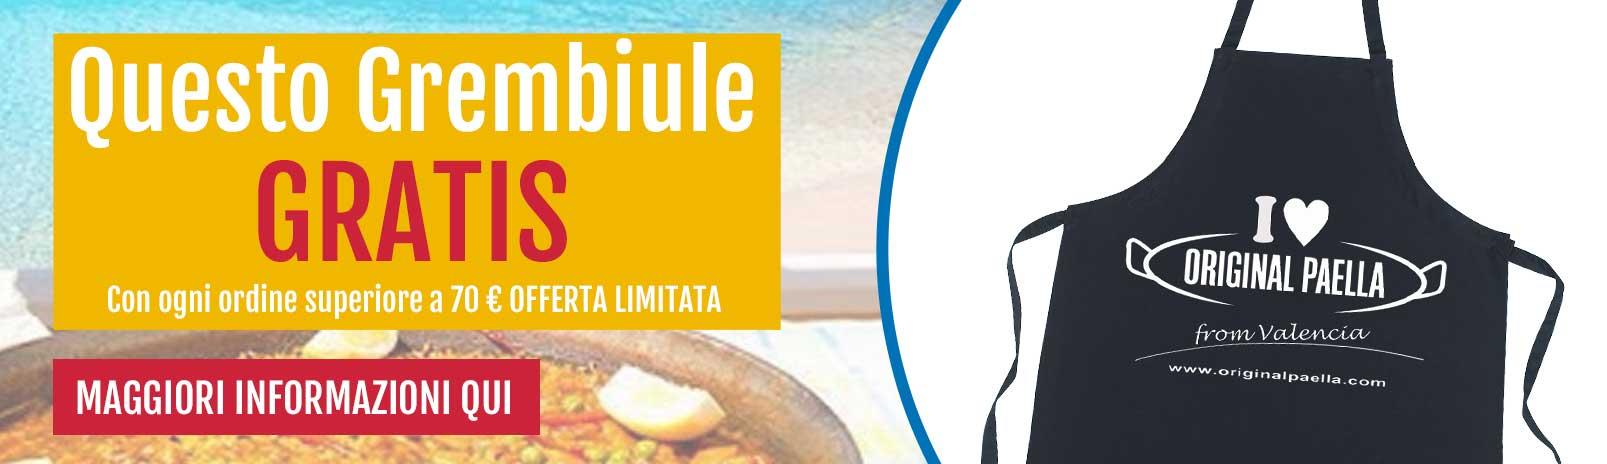 Grembiule-original-paella-gratis